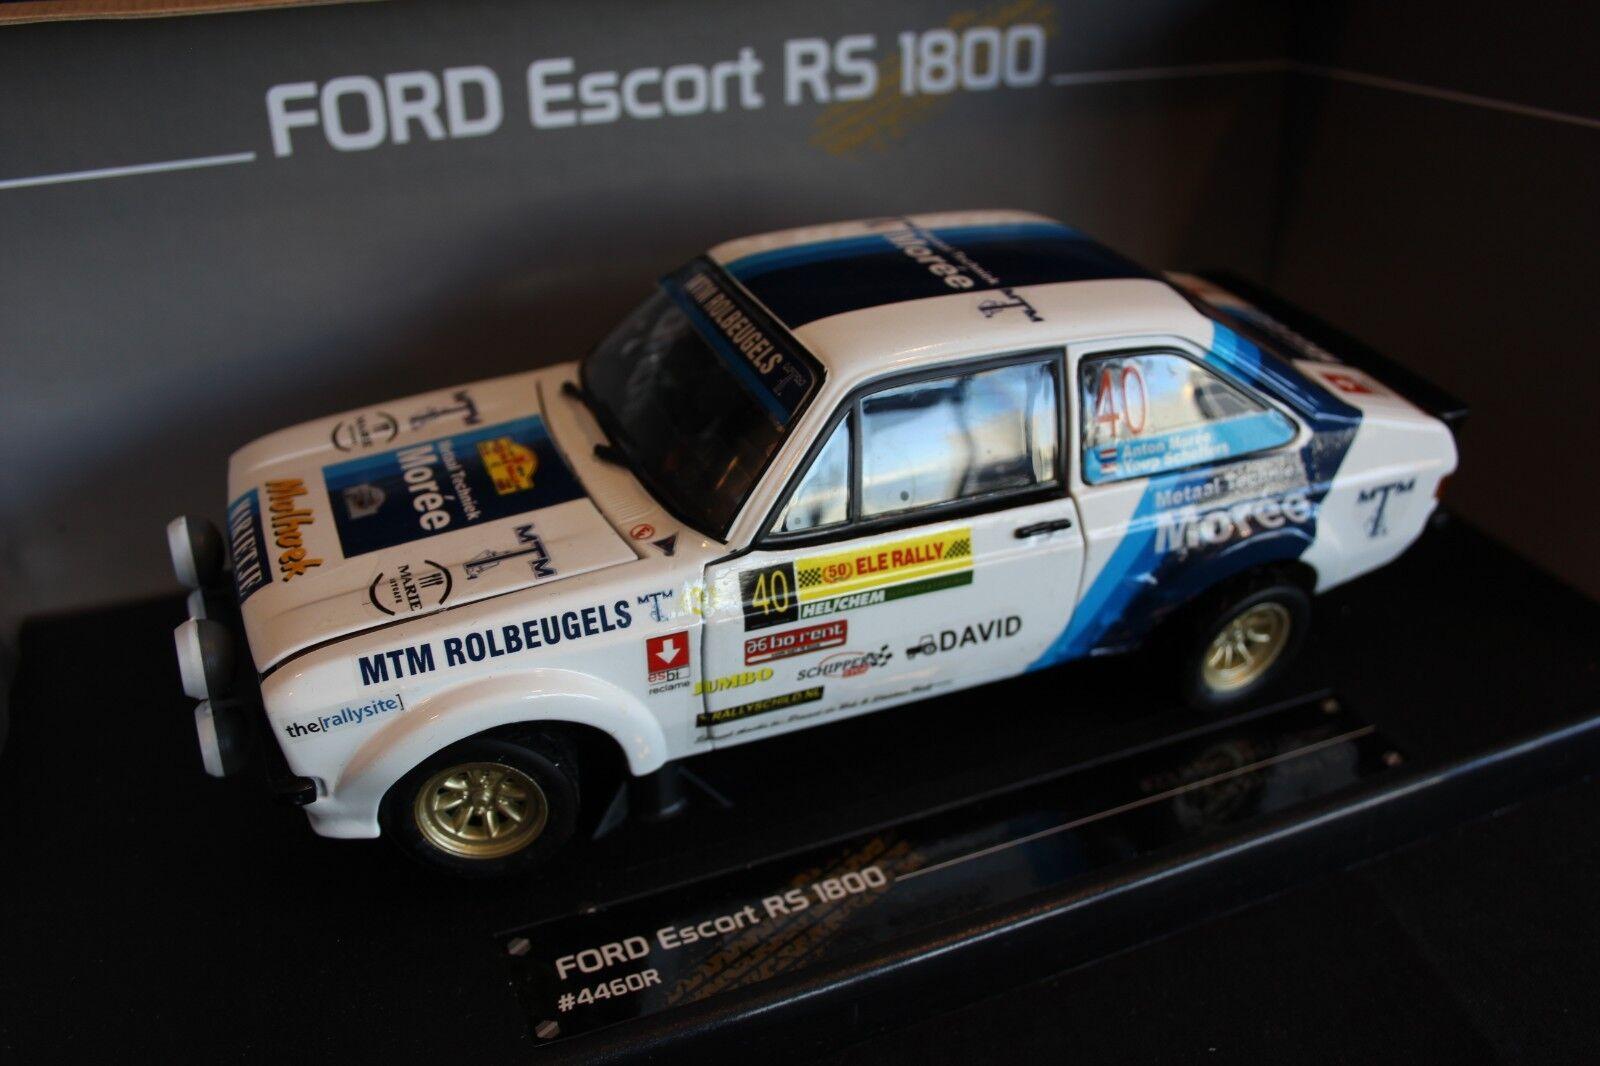 tienda de bajo costo Sun Estrella Ford Escort RS RS RS 1800 Mk2 2014 1 18  40 Morée   Scheffers ELE Rally  60% de descuento